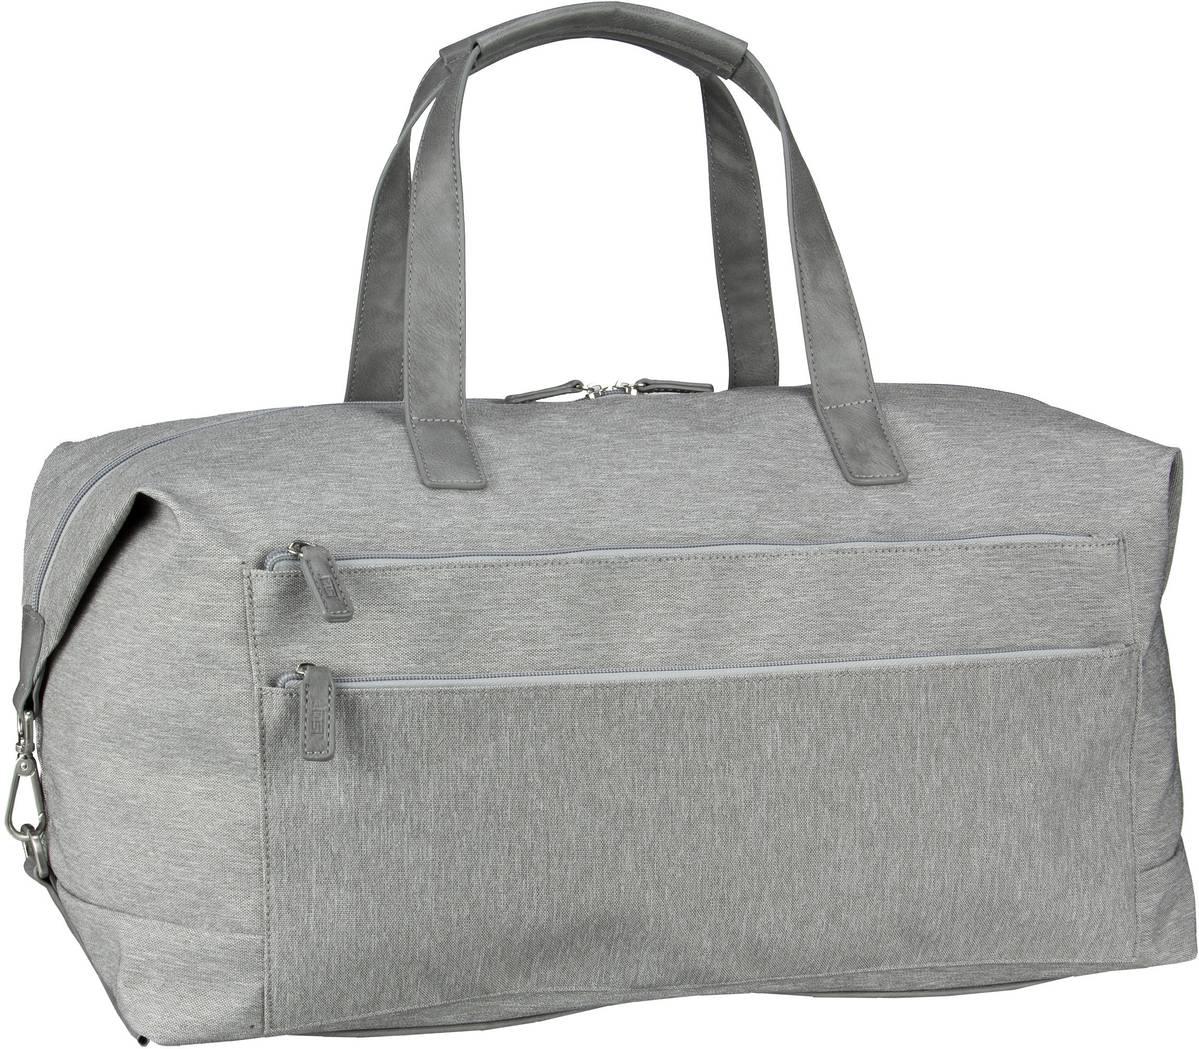 Reisegepaeck für Frauen - Jost Reisetasche Bergen 1147 Reisetasche Light Grey  - Onlineshop Taschenkaufhaus